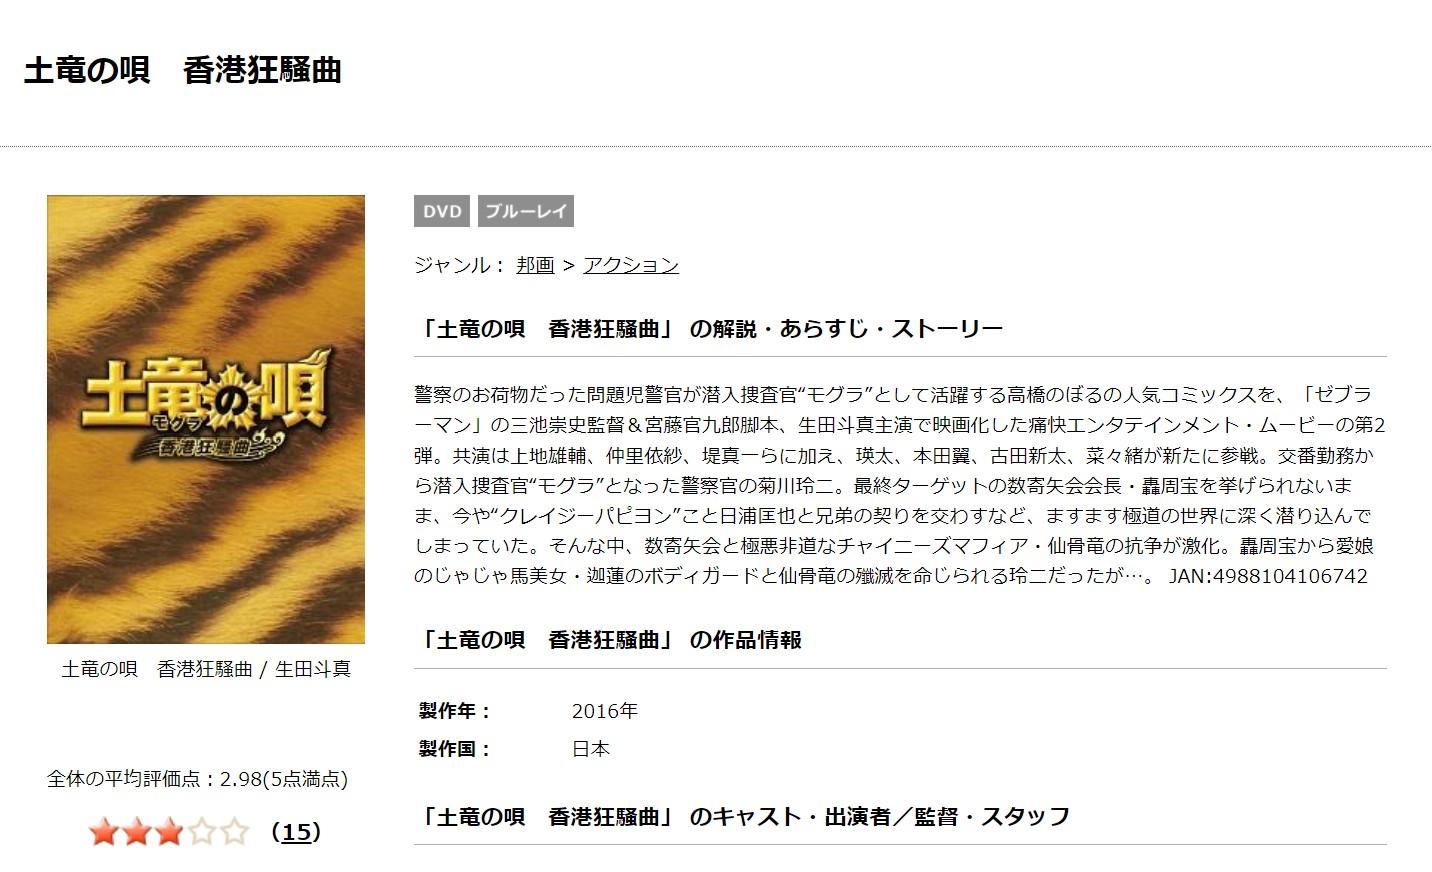 映画 土竜の唄 香港狂騒曲 の動画をフルで無料視聴できる配信サイト ジャニーズ映画の動画配信まとめサイト